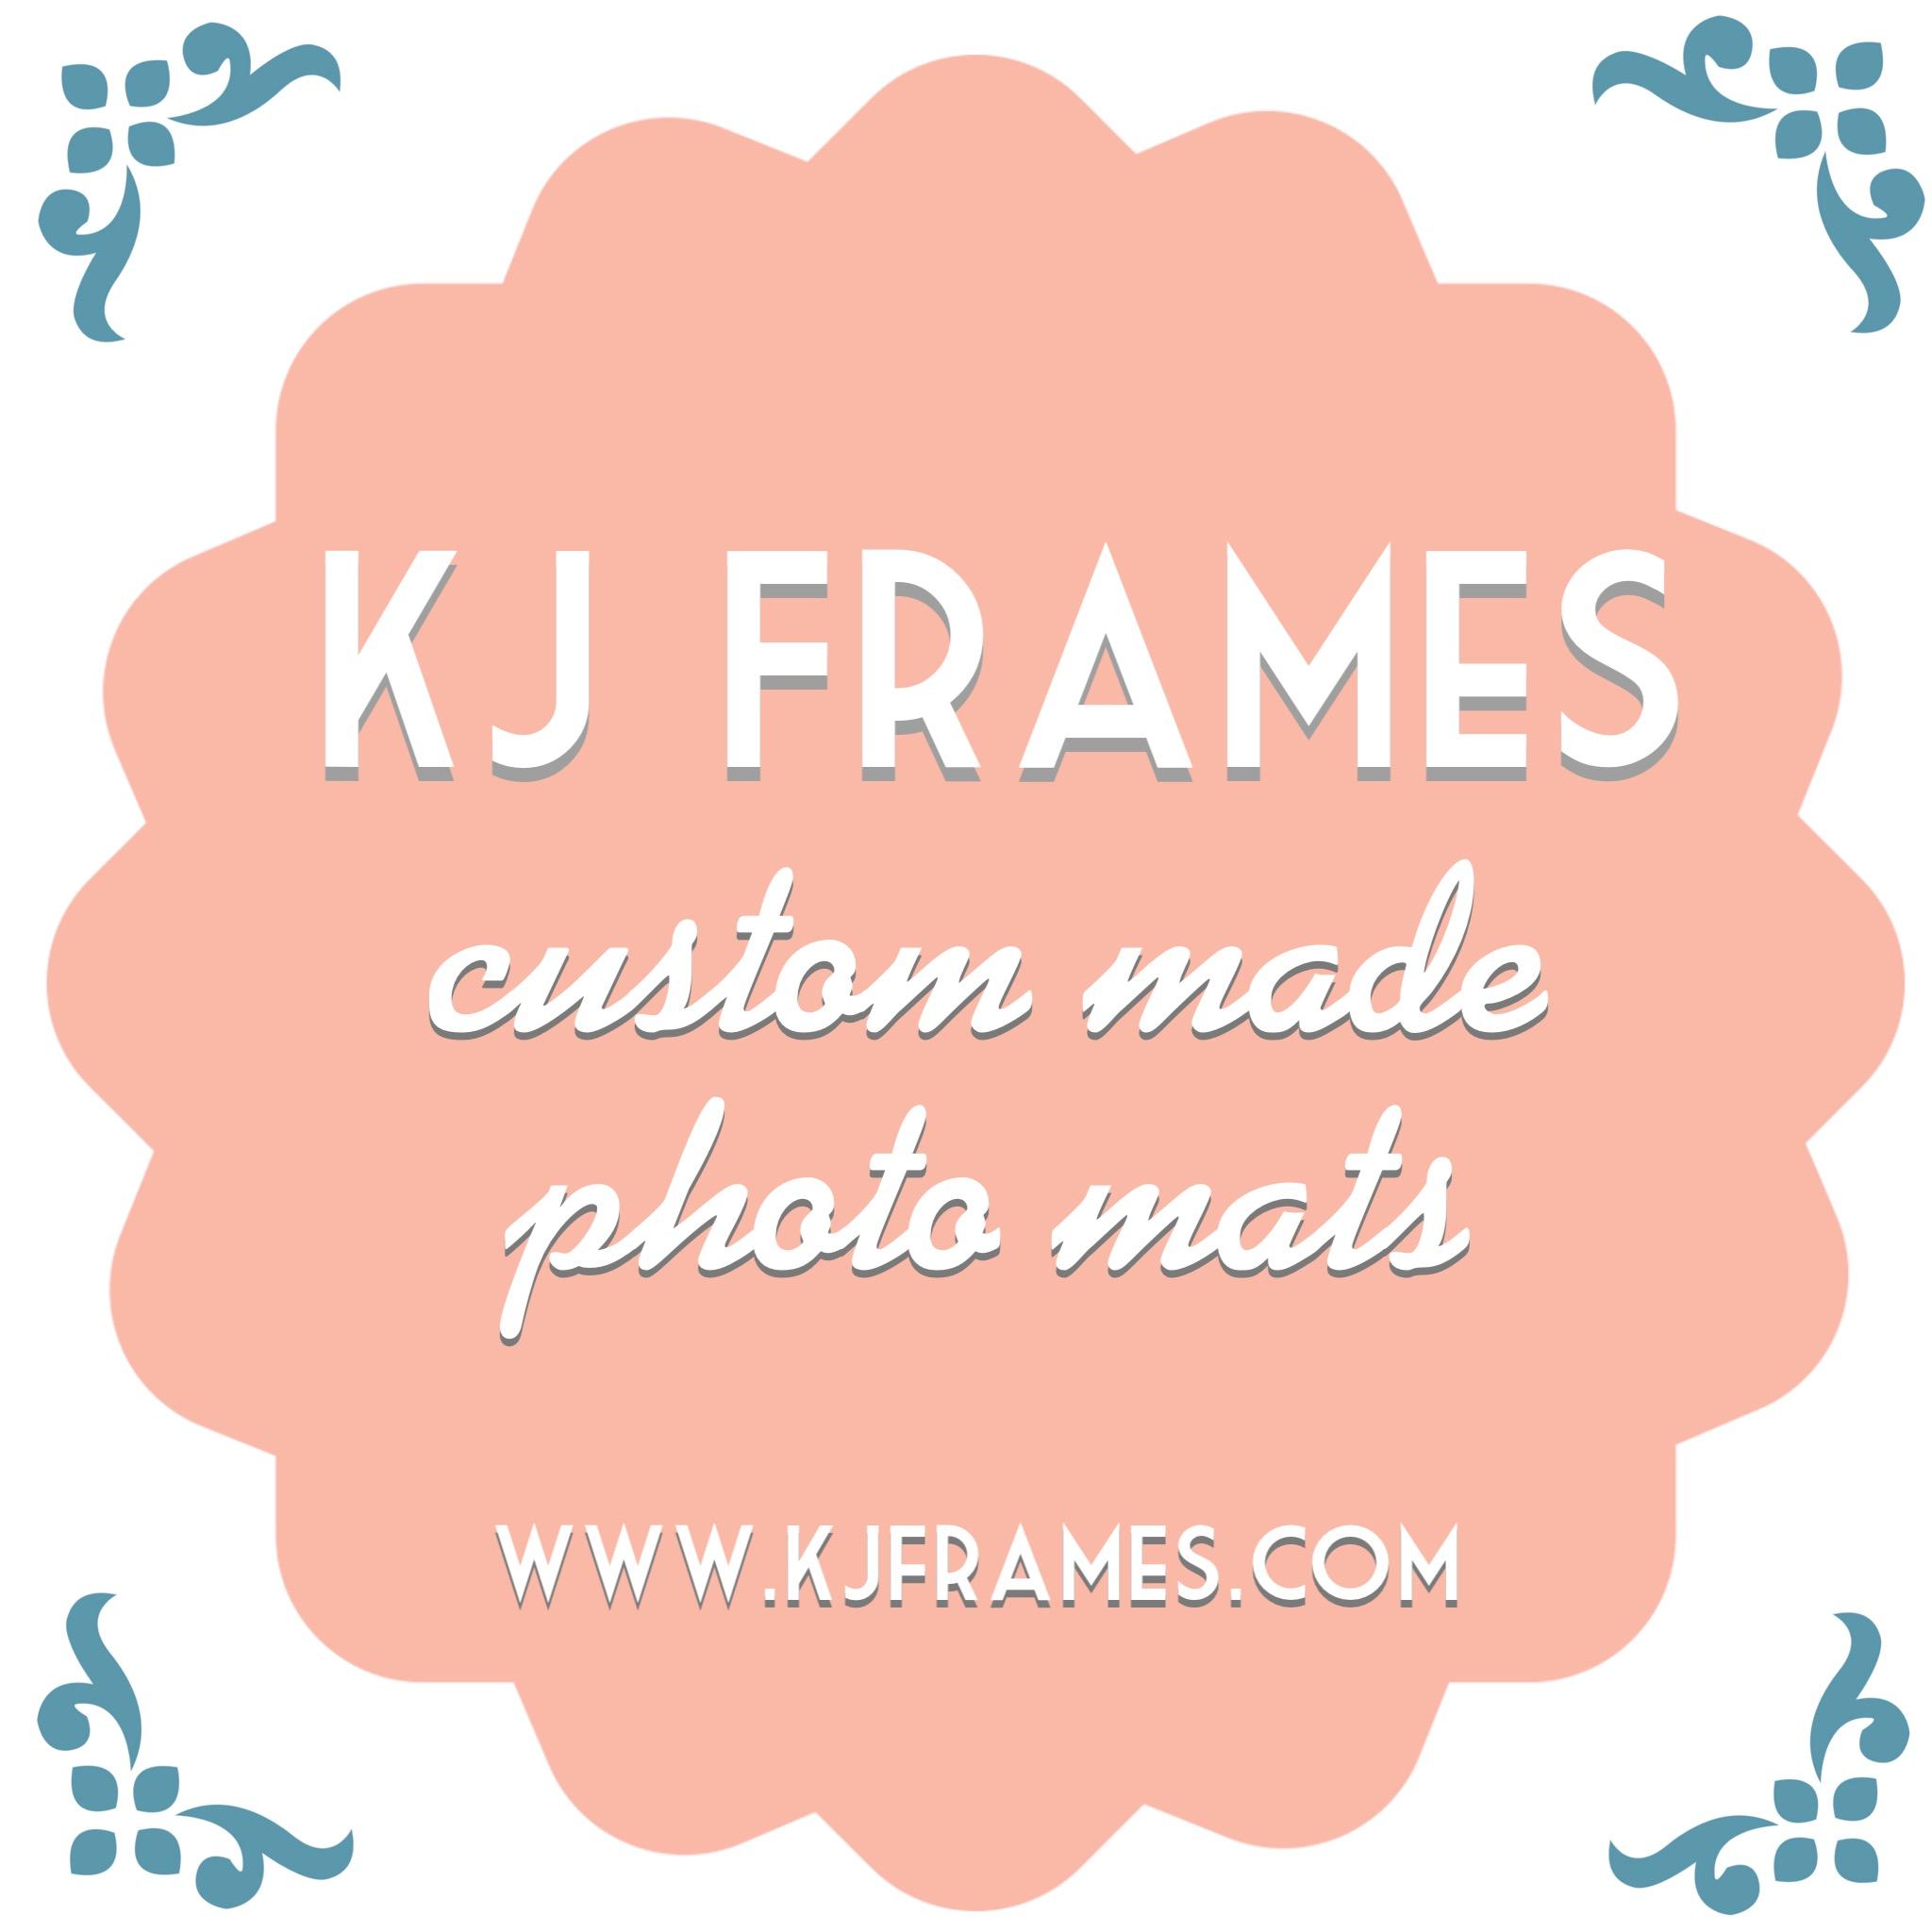 Go to www.KJFrames.Etsy.com